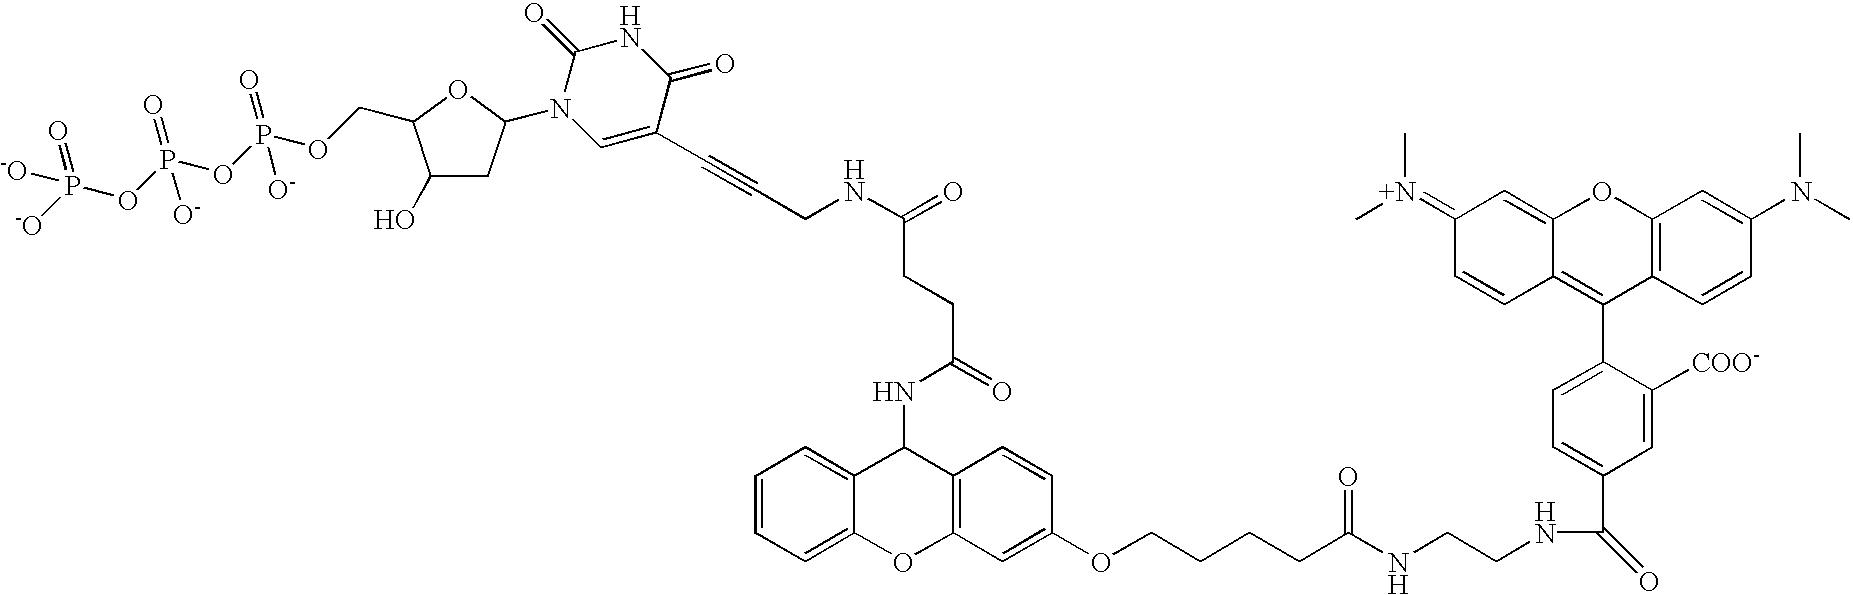 Figure US07057026-20060606-C00006